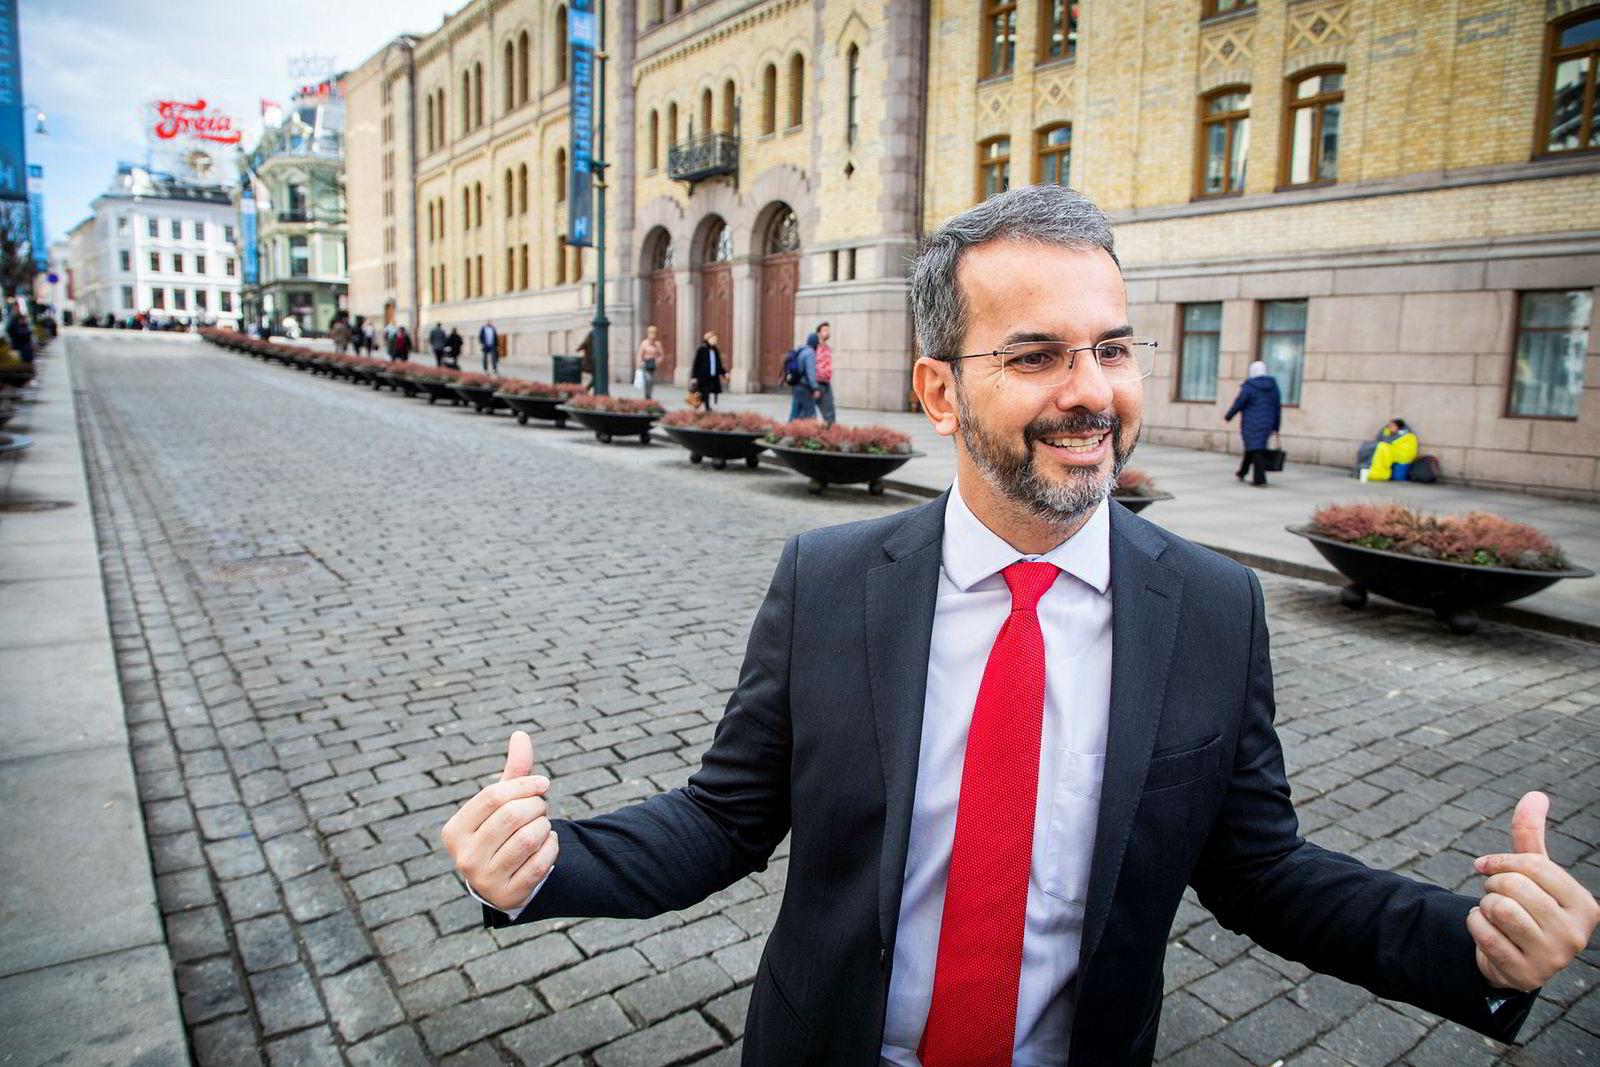 Ubiratan Cazetta er blant de mest sentrale statsadvokatene i Brasils delstat Pará som jobber med Hydro-saken. Her fra Oslo i mars i år, da han besøkte Norge som foredragsholder på konferansen Oslo Compliance Forum, arrangert av advokatfirmaet Wiersholm.